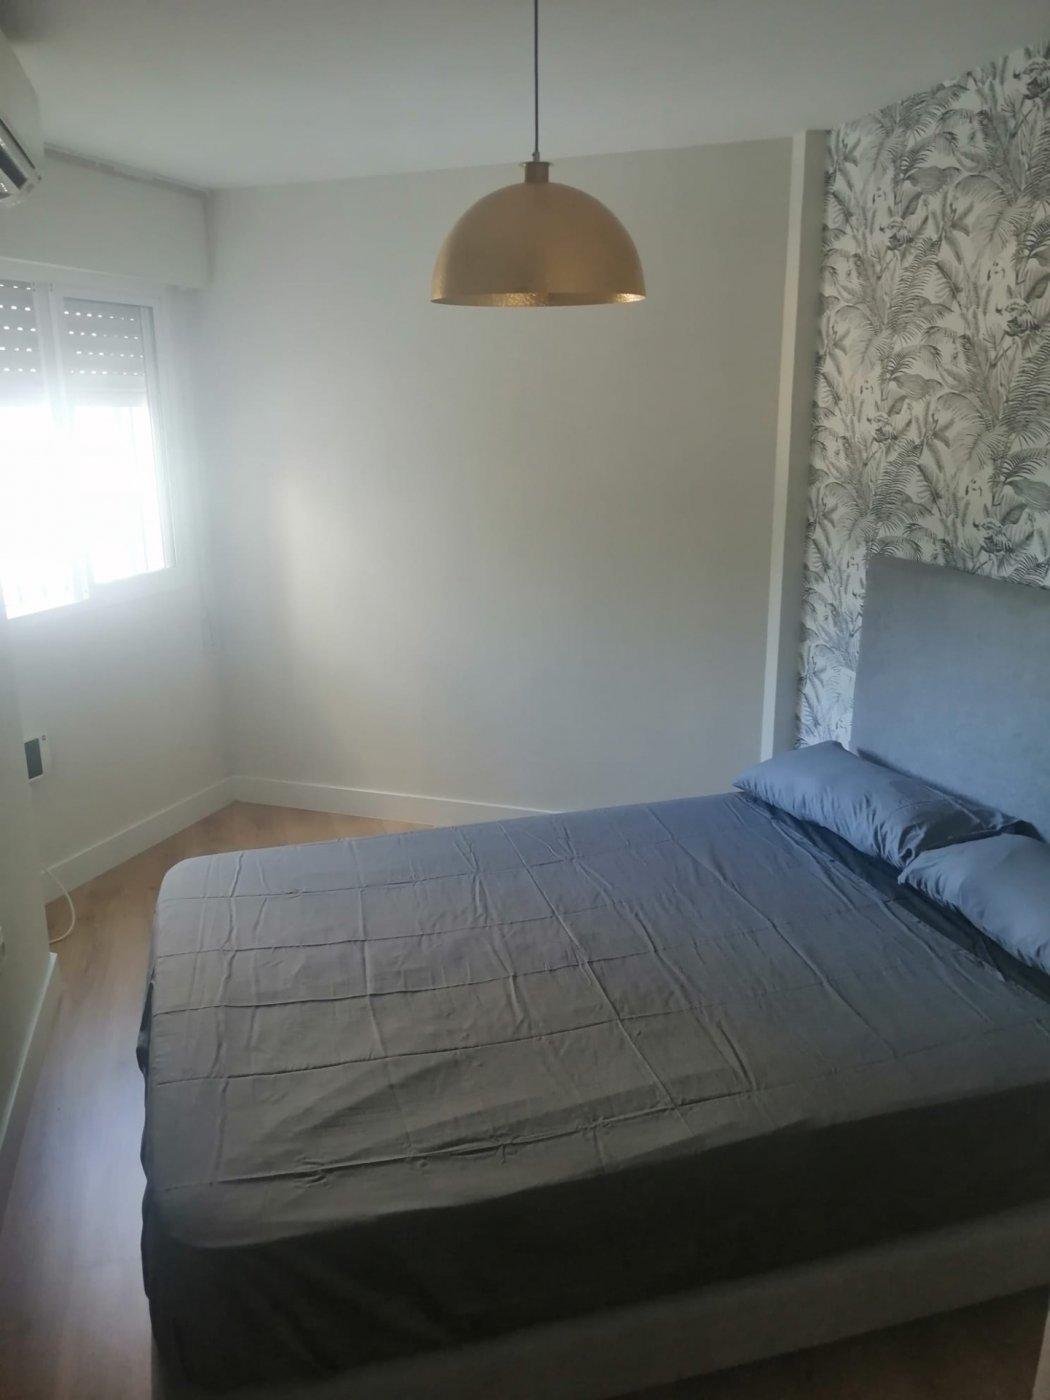 Apartamento 2 dormitorios en la cariihuela - imagenInmueble11